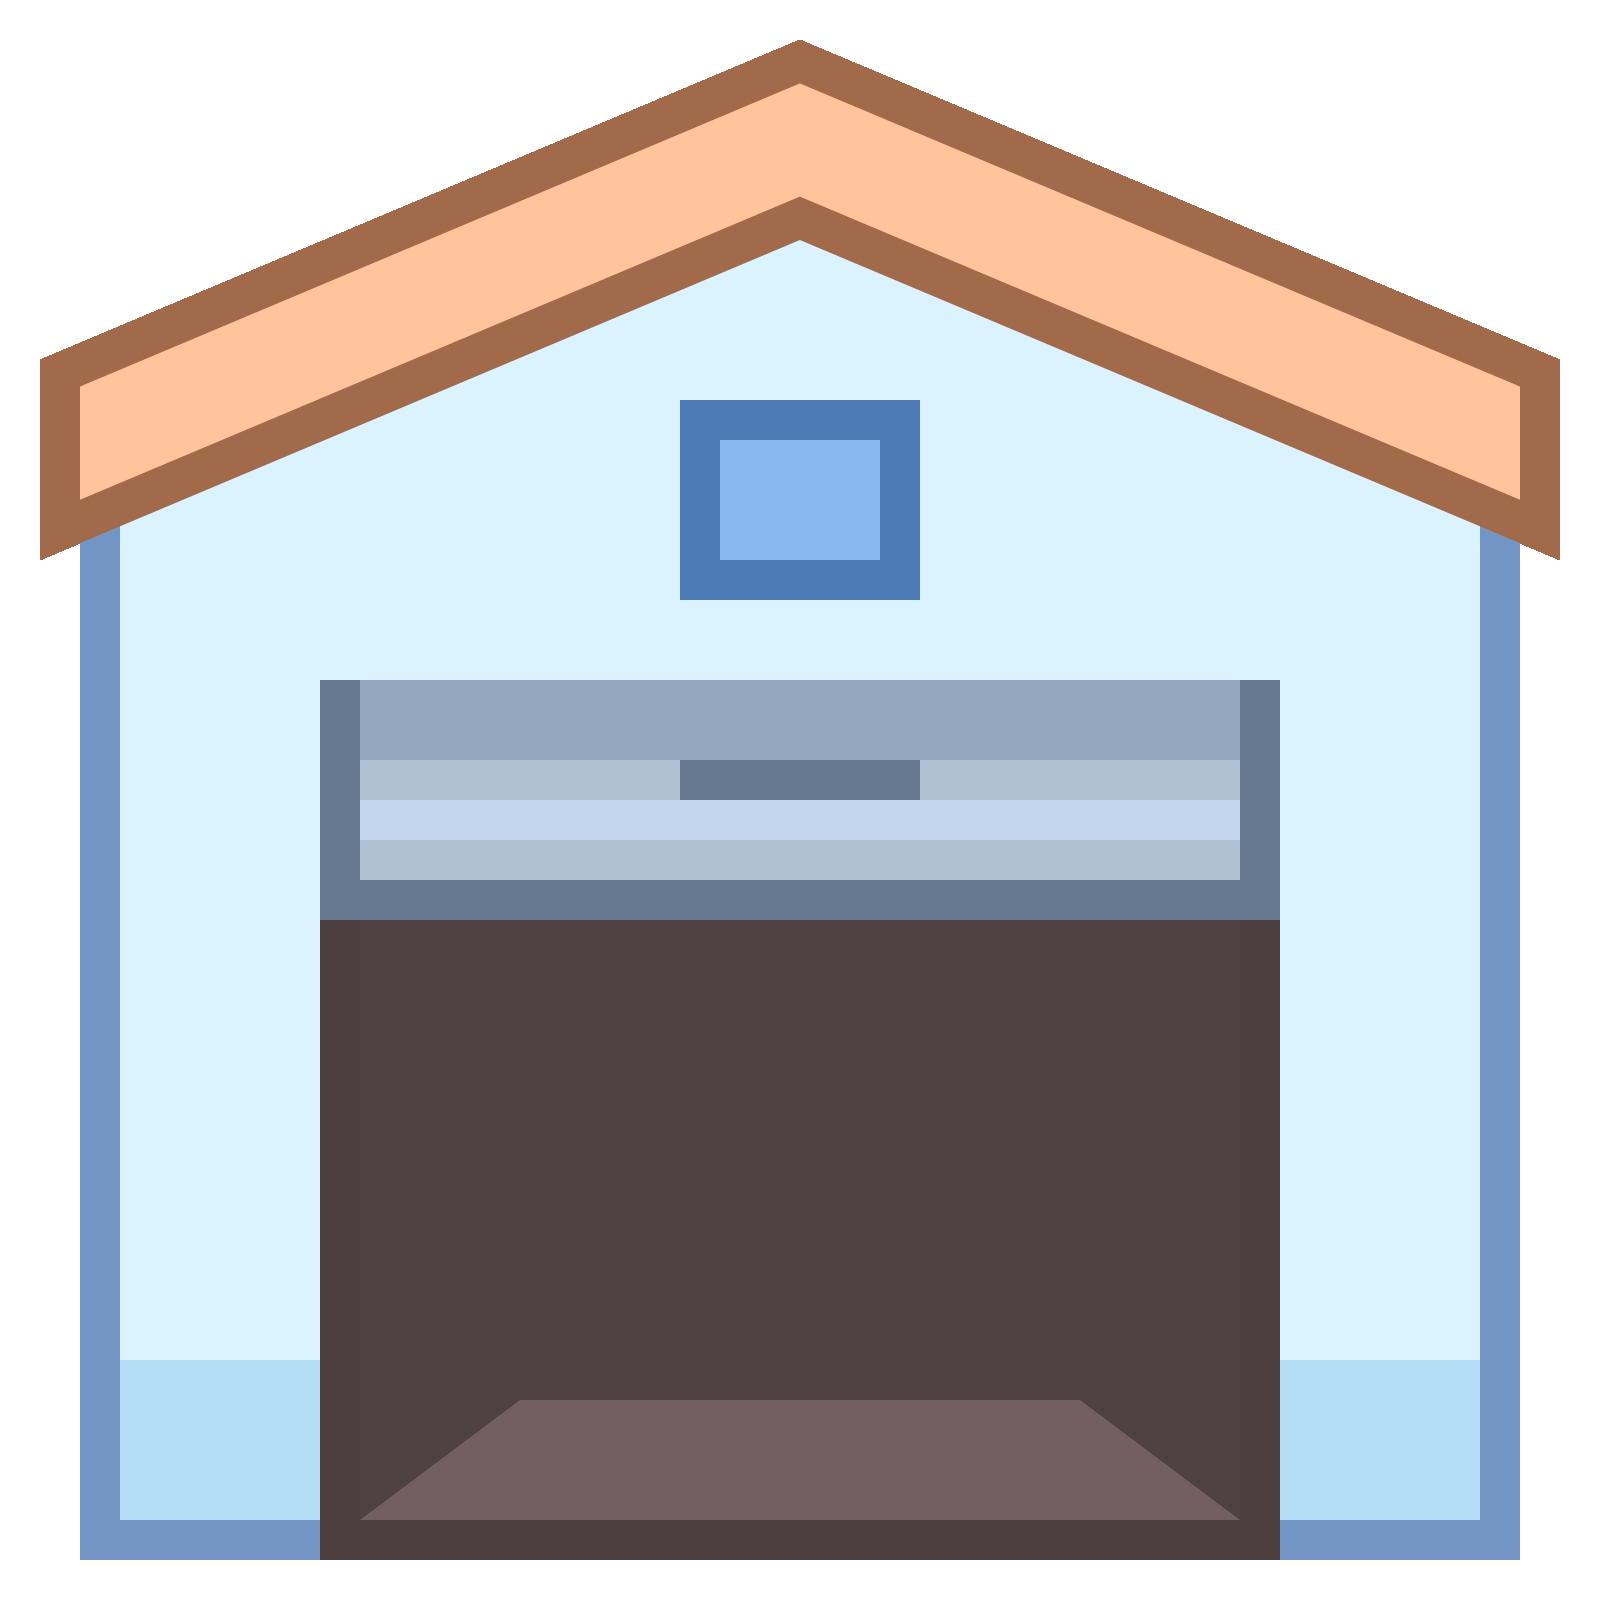 Open door image handballtunisie. Garage clipart garage cleaning